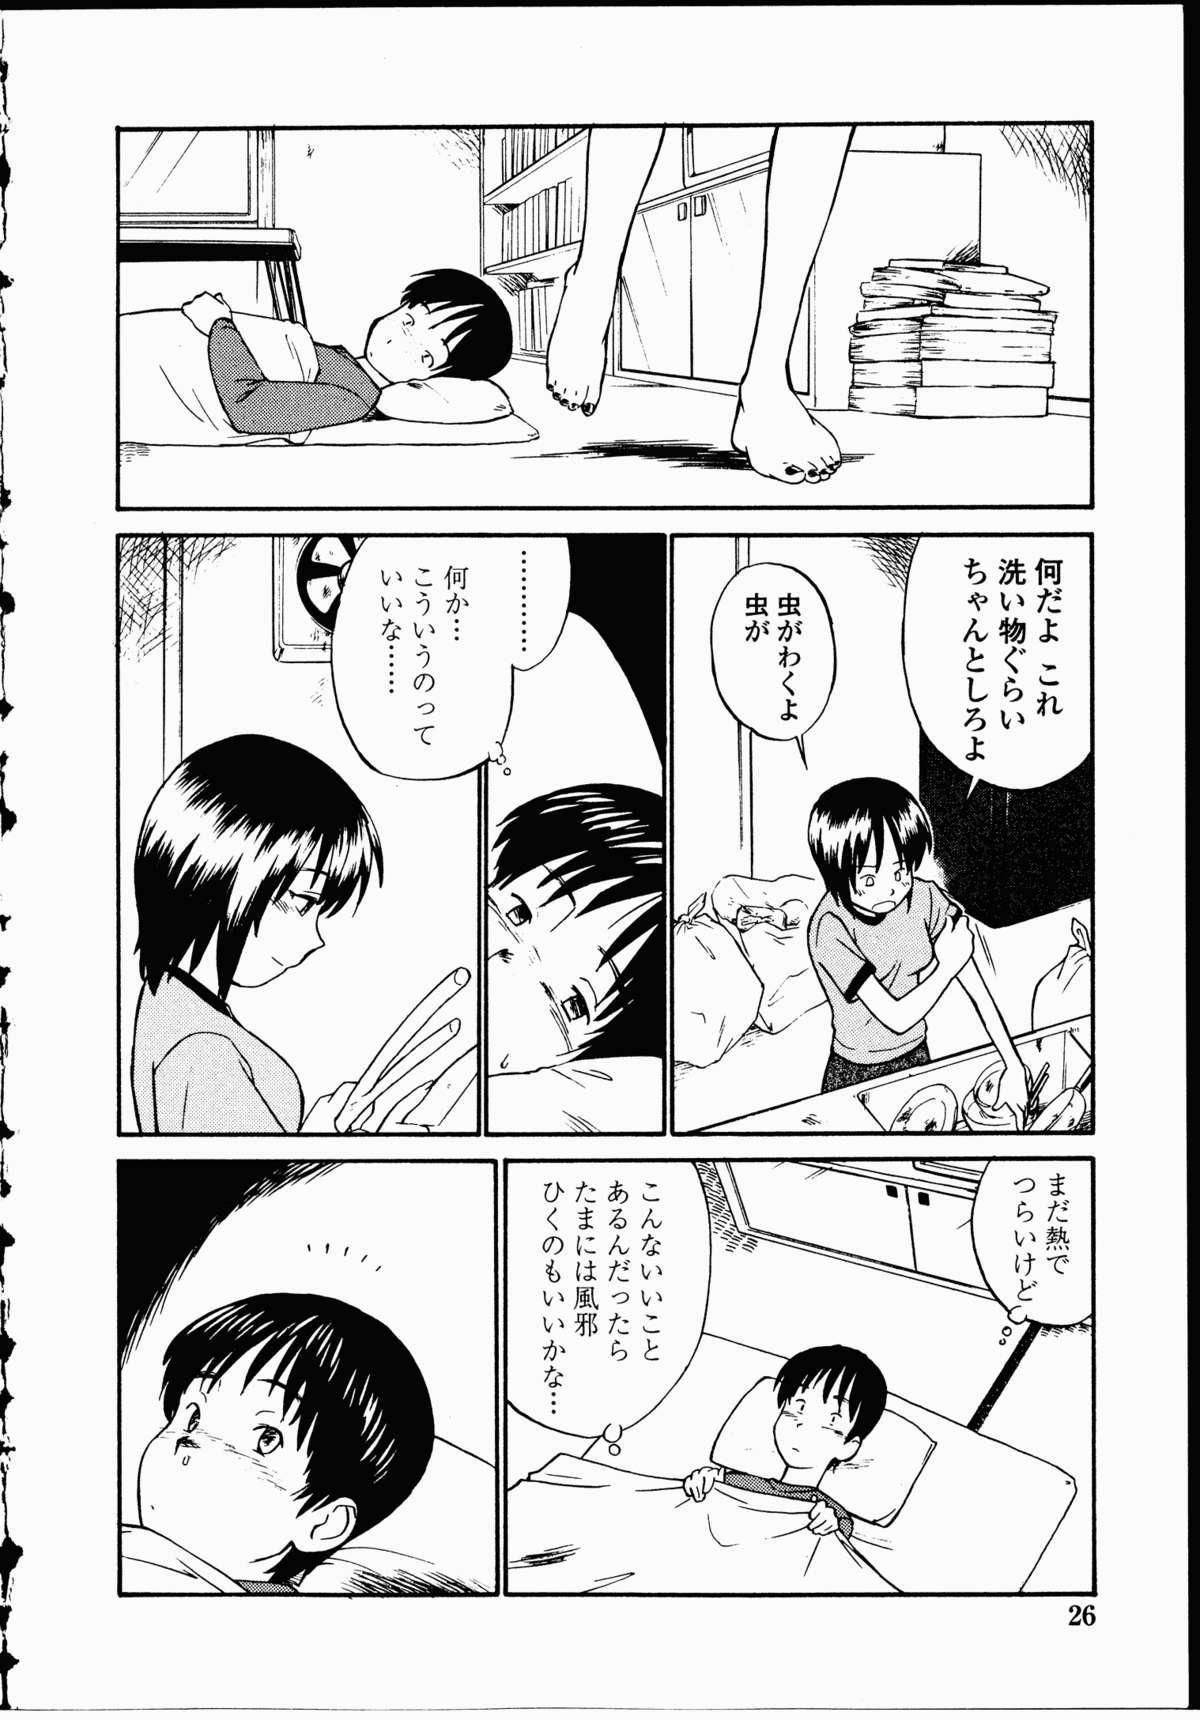 Youen Hyaku Monogatari 24